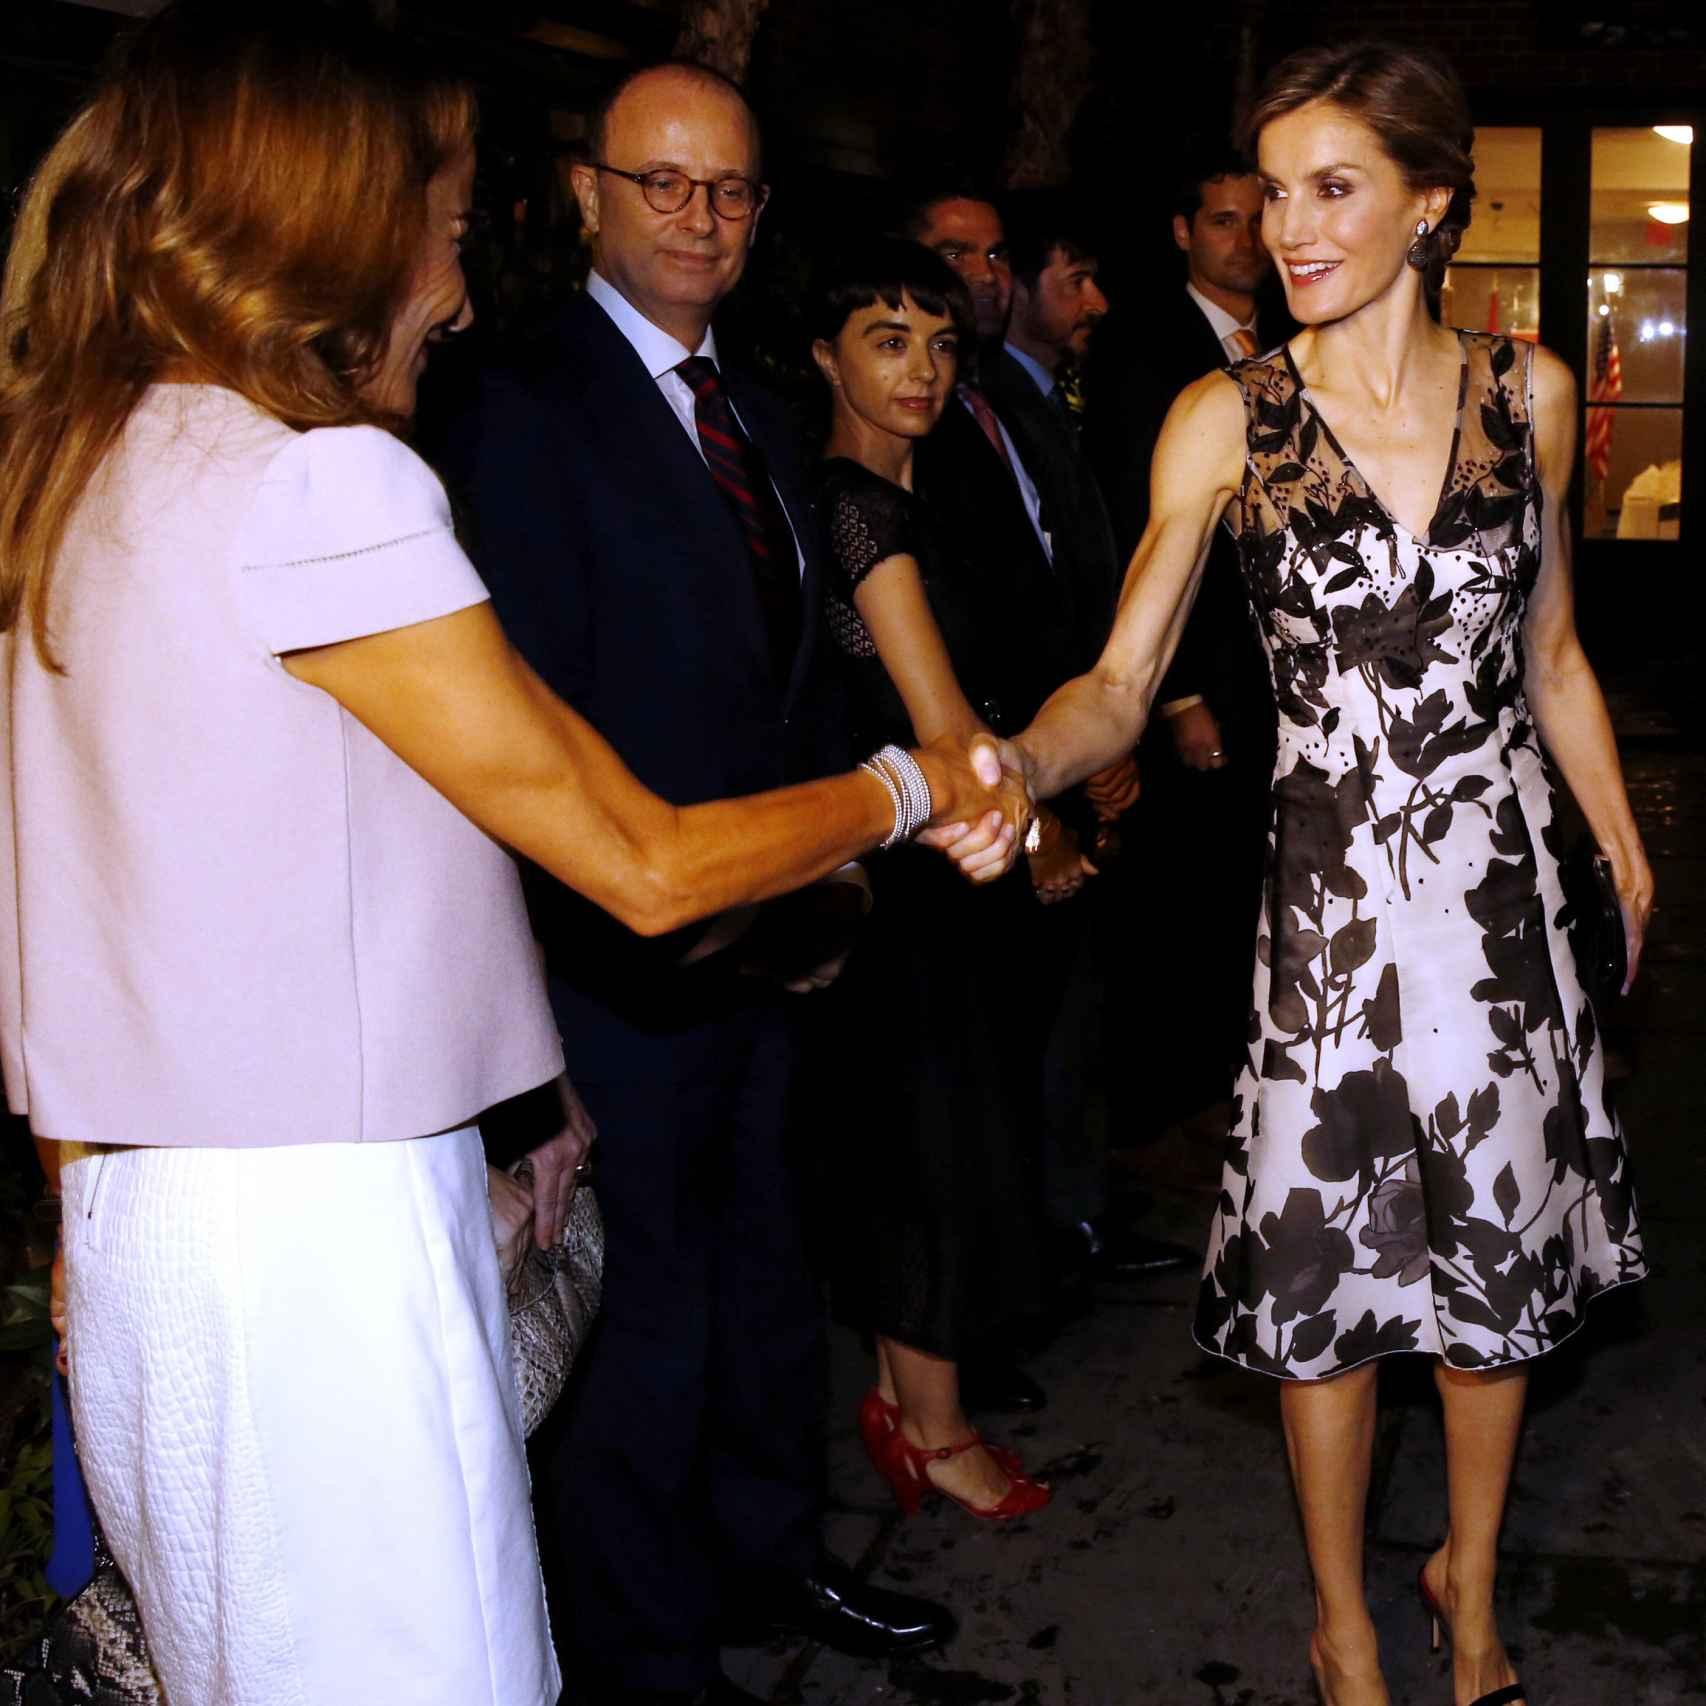 La reina, con el vestido blanco y negro de Carolina Herrera.